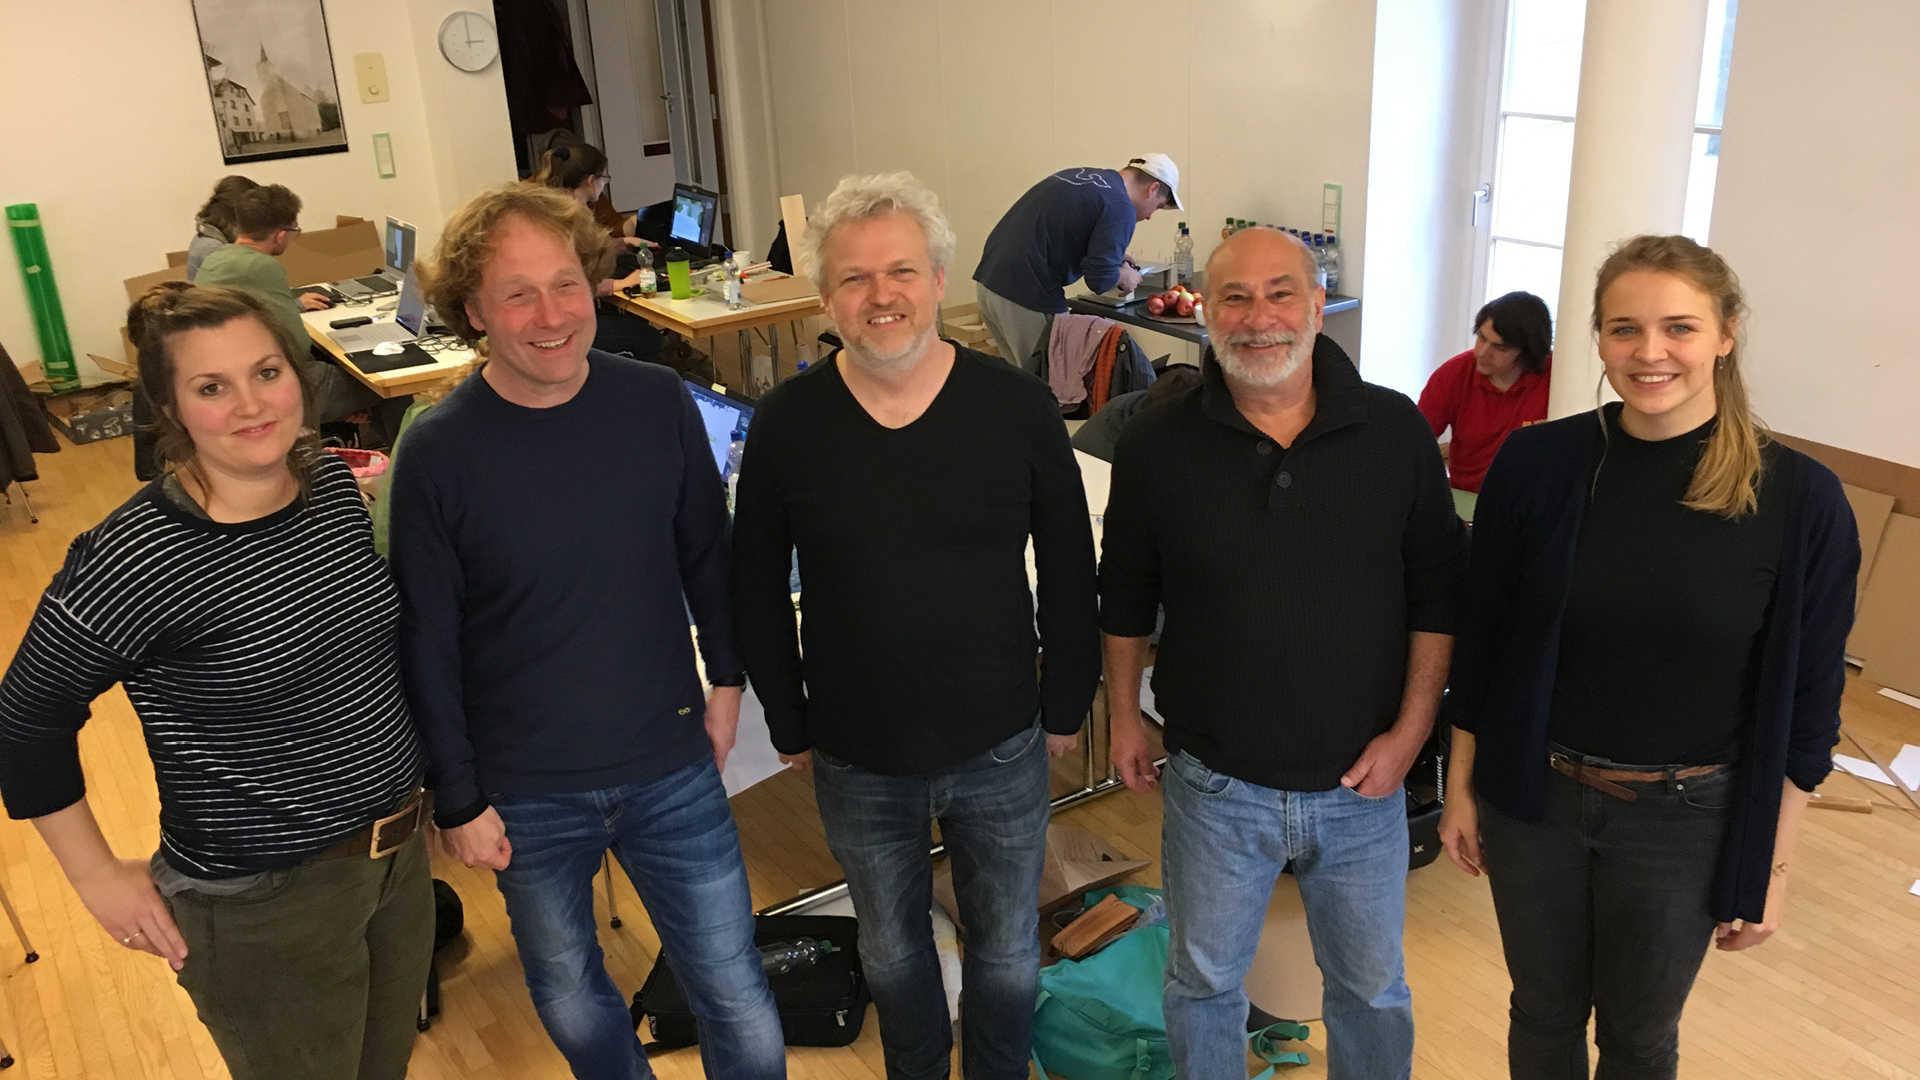 Das Betreuer-Team: Franzi + Rainer (HFWU), Bruno + Niel + Eva (PennState / AIB)